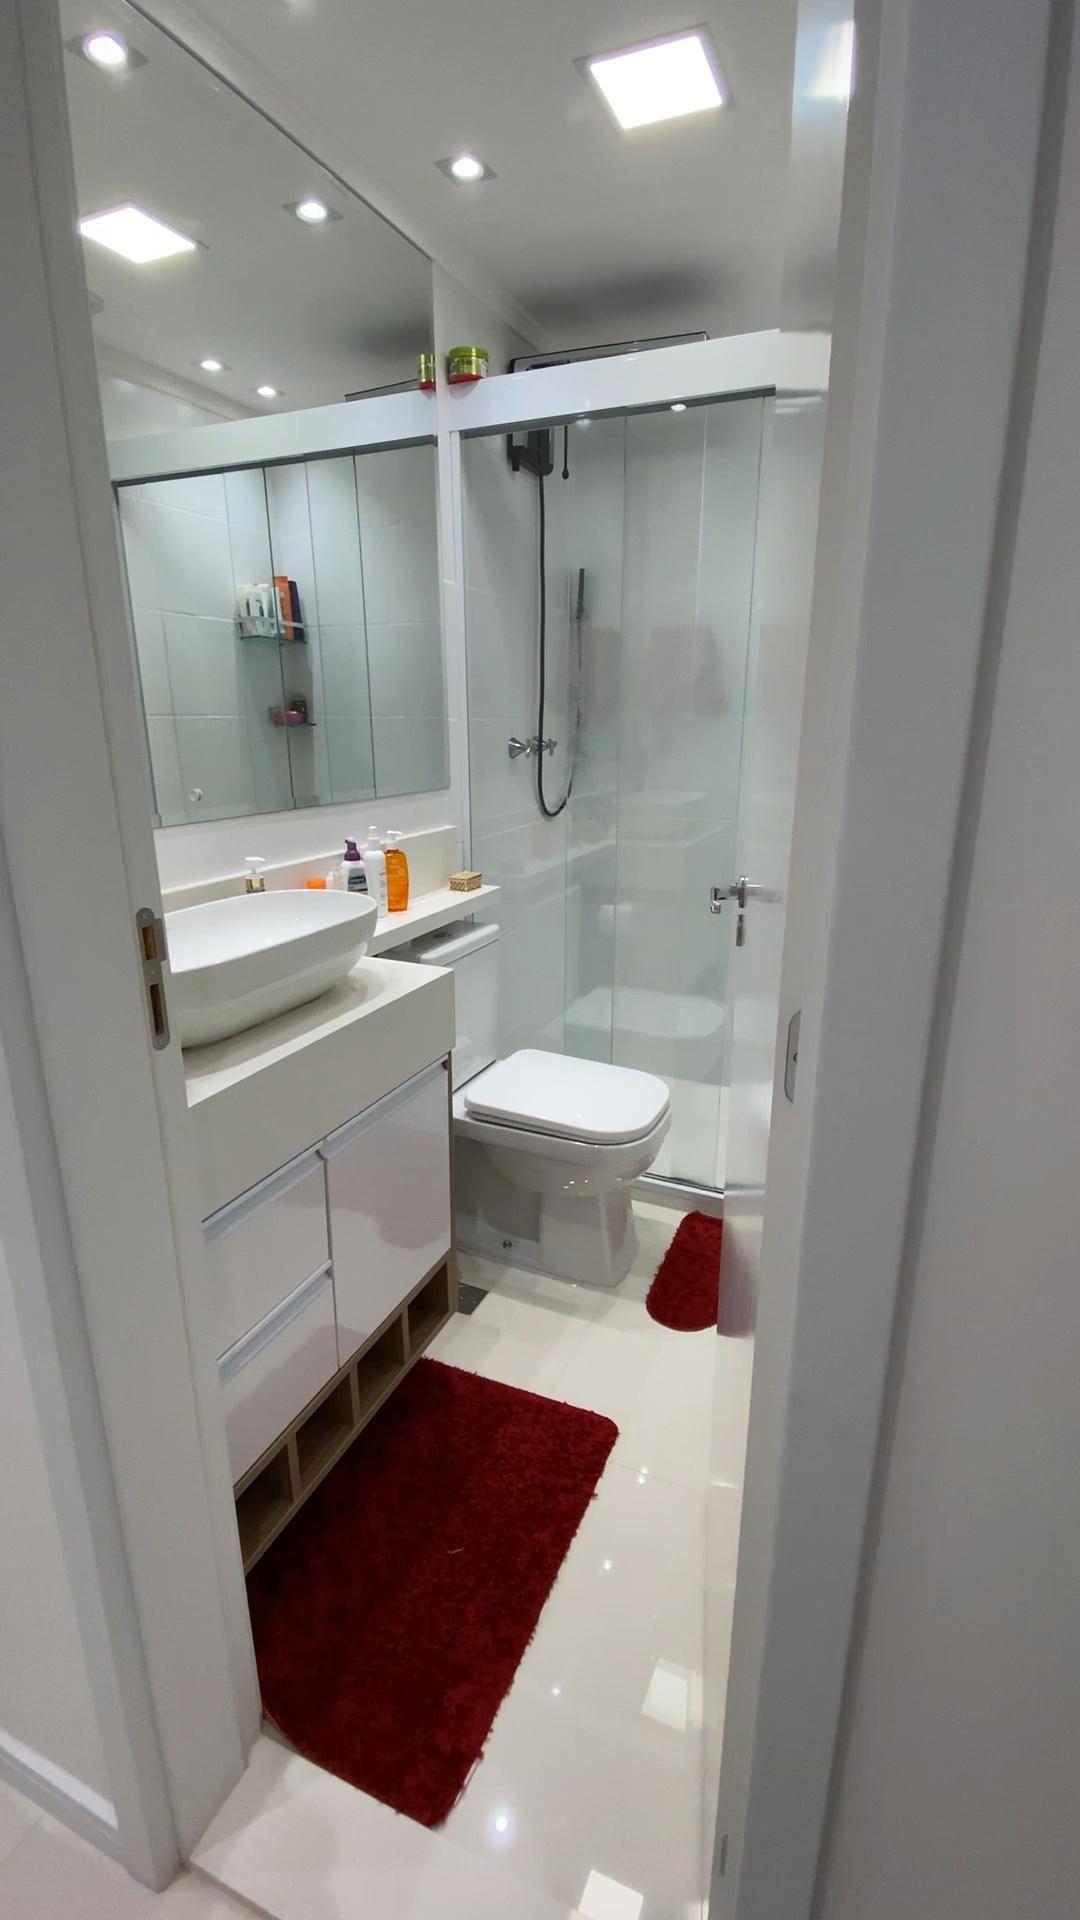 300+ Agora que reparei que nunca mostrei os Banheiros para vocês 😅 banheiro 1 da suíte, 2 social